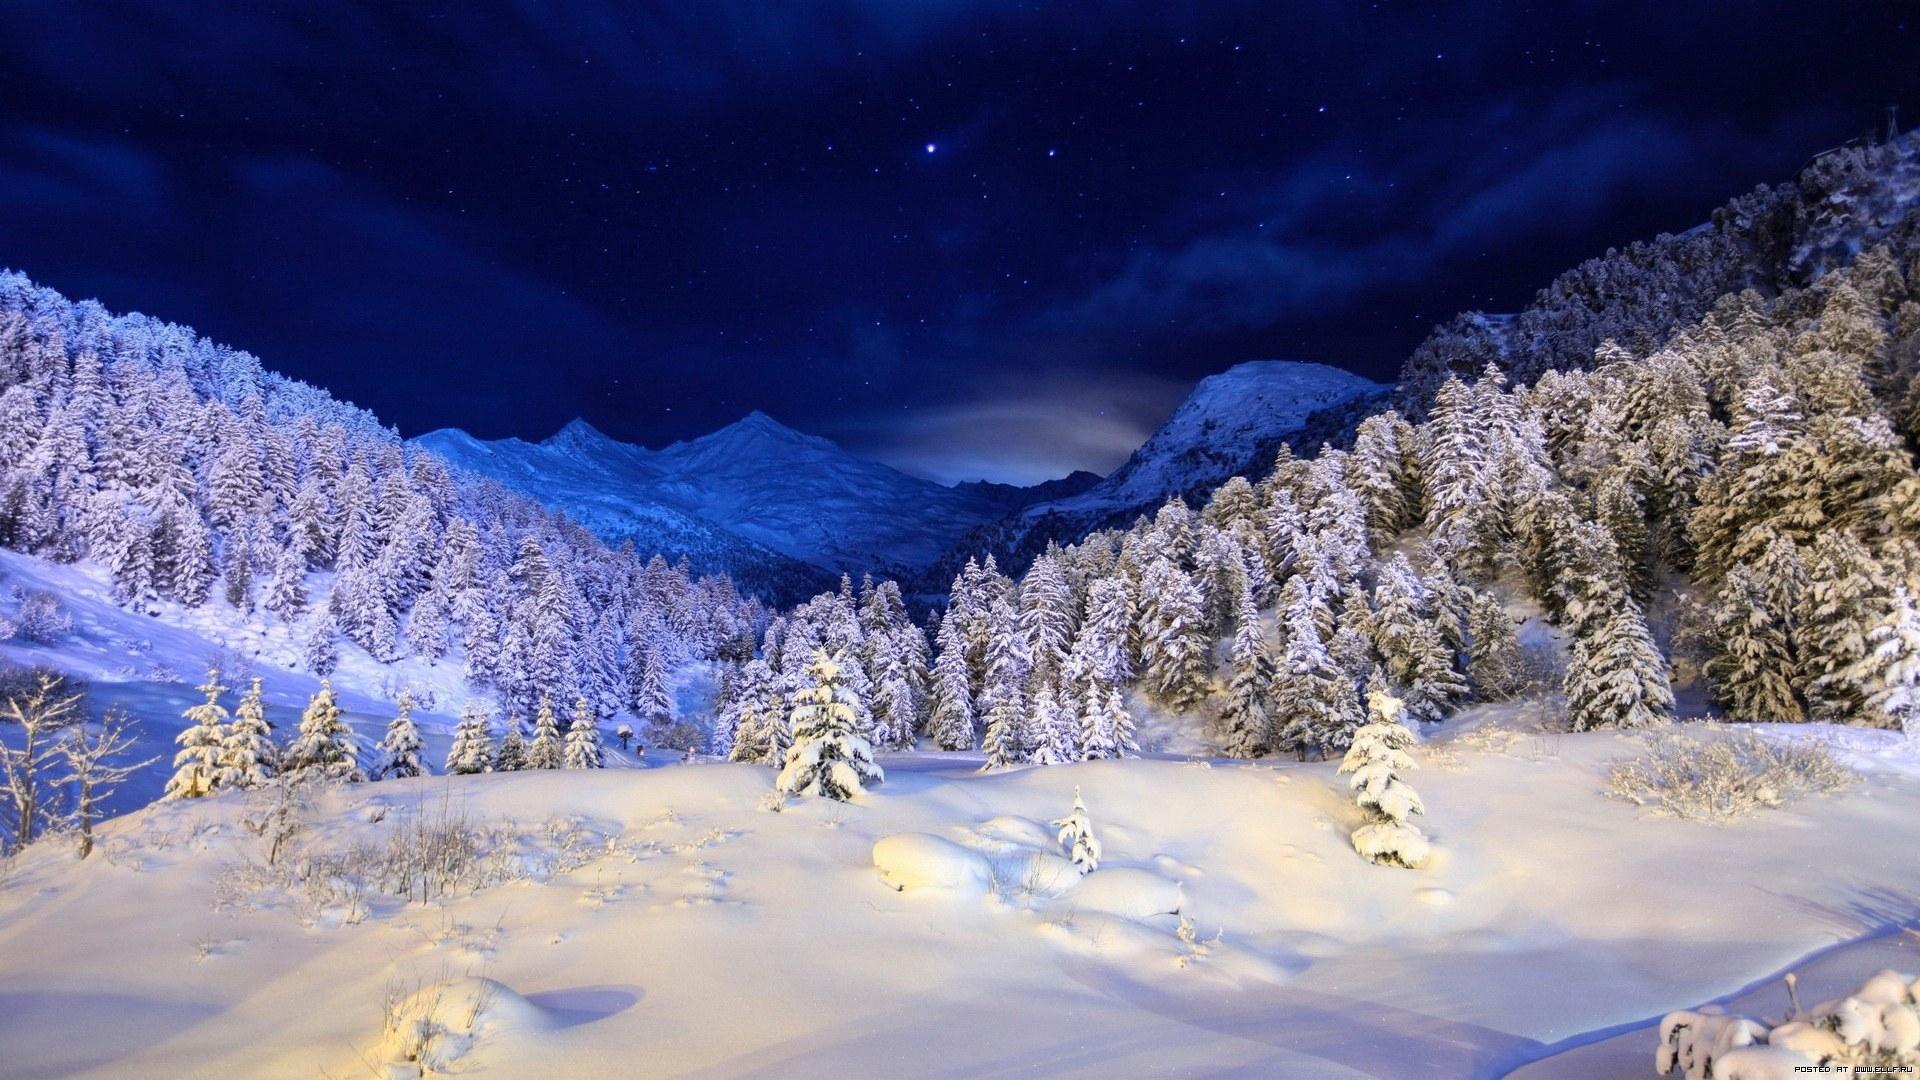 29046 скачать обои Пейзаж, Деревья, Снег - заставки и картинки бесплатно